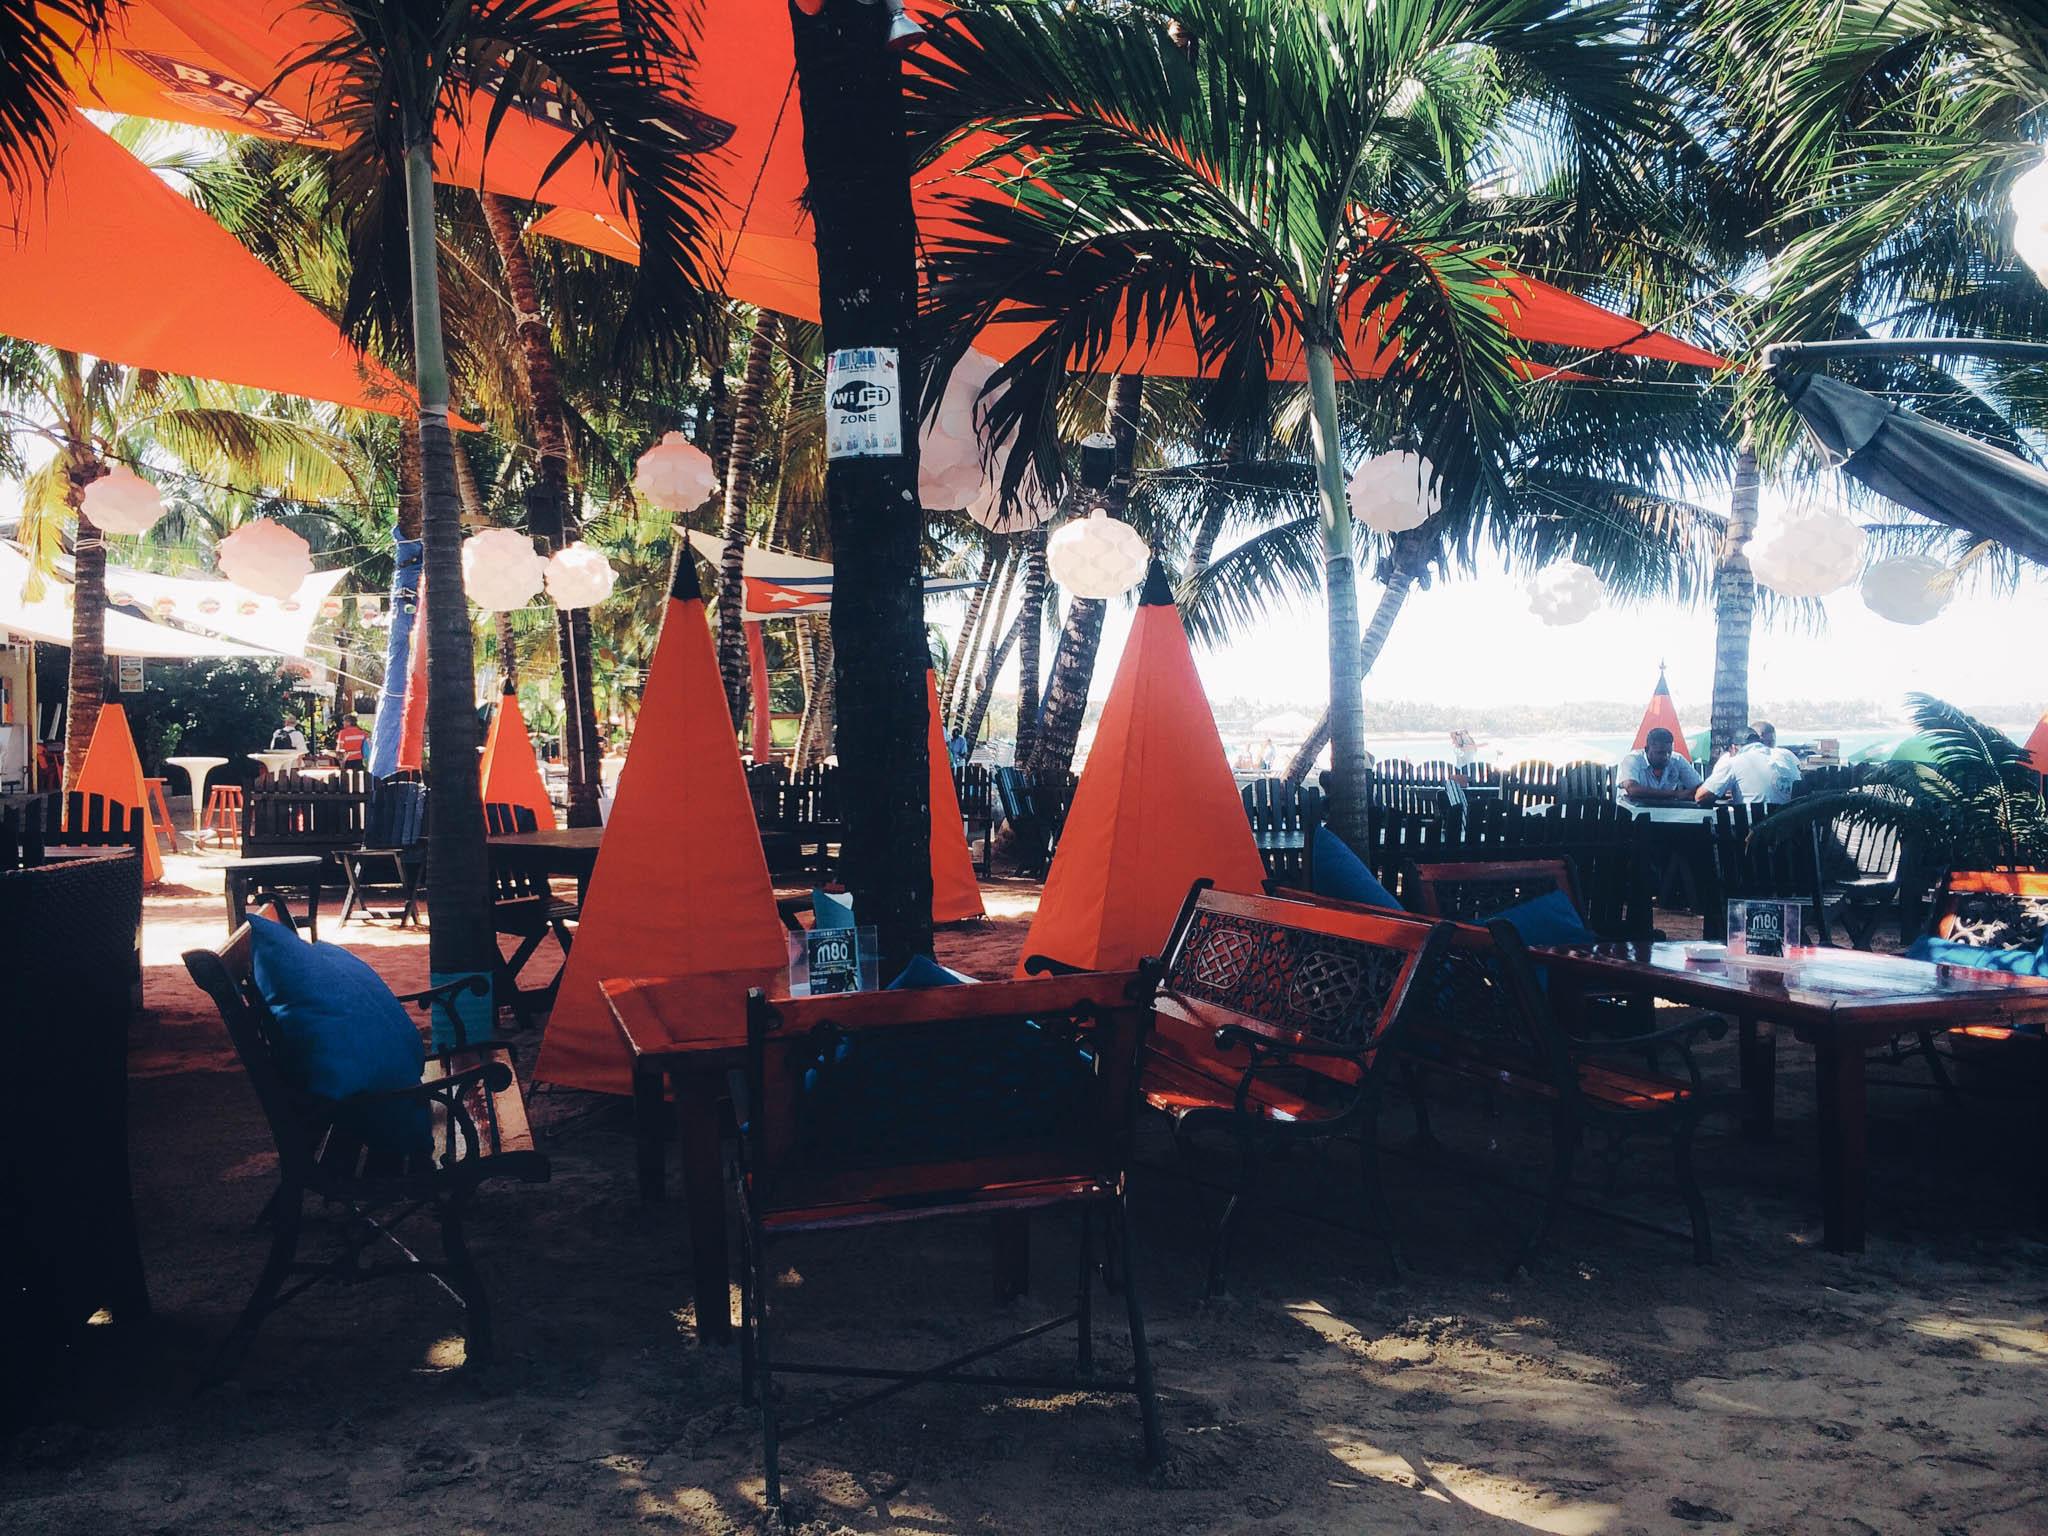 cabarete dominican republic lune blog (5 of 27).jpg